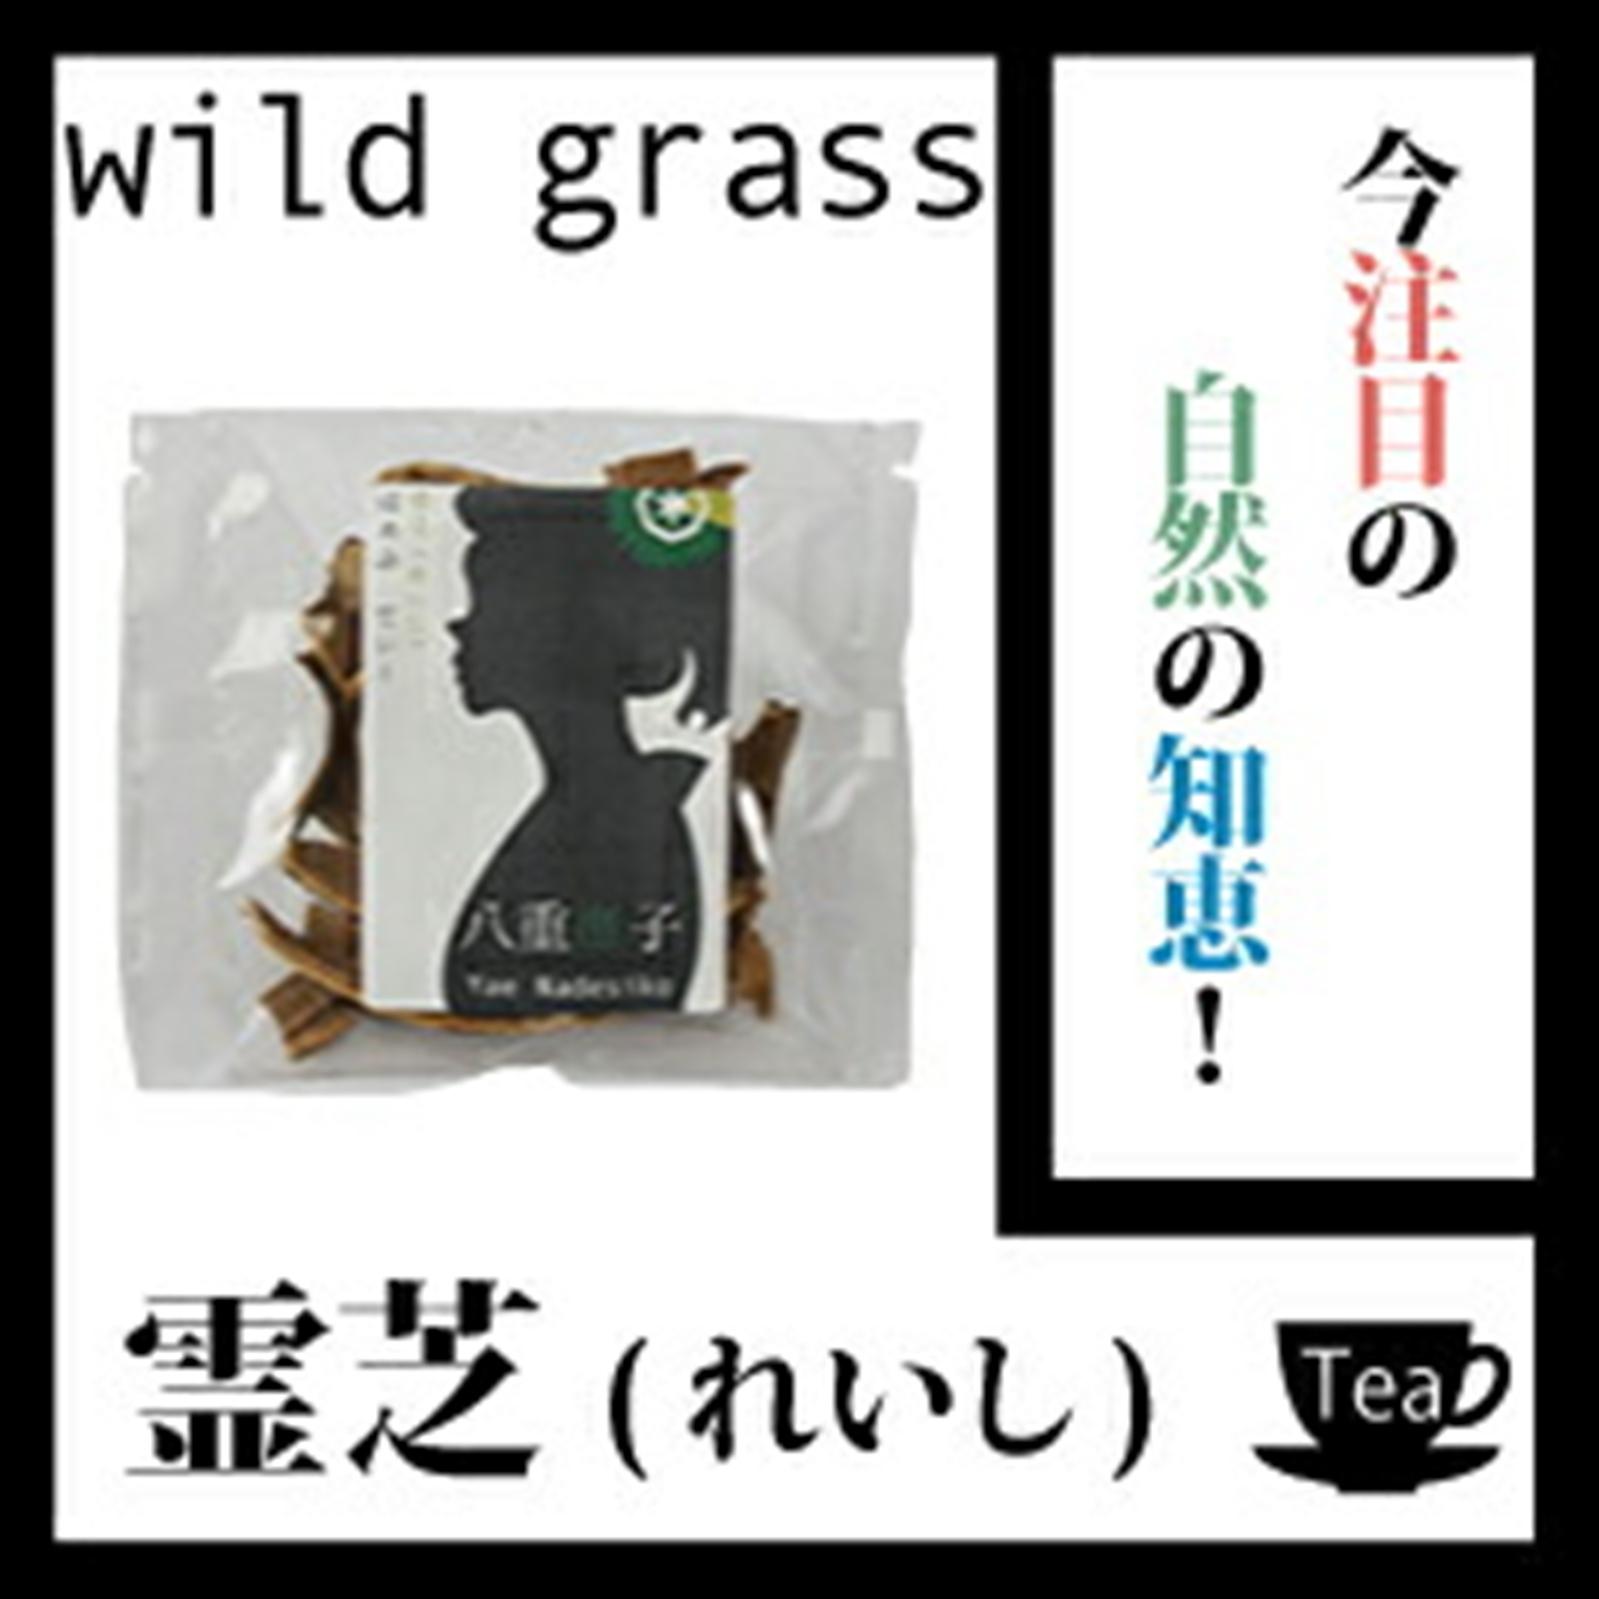 霊芝100g 今注目の自然の知恵!【健康】【ノンカフェイン】レイシ茶